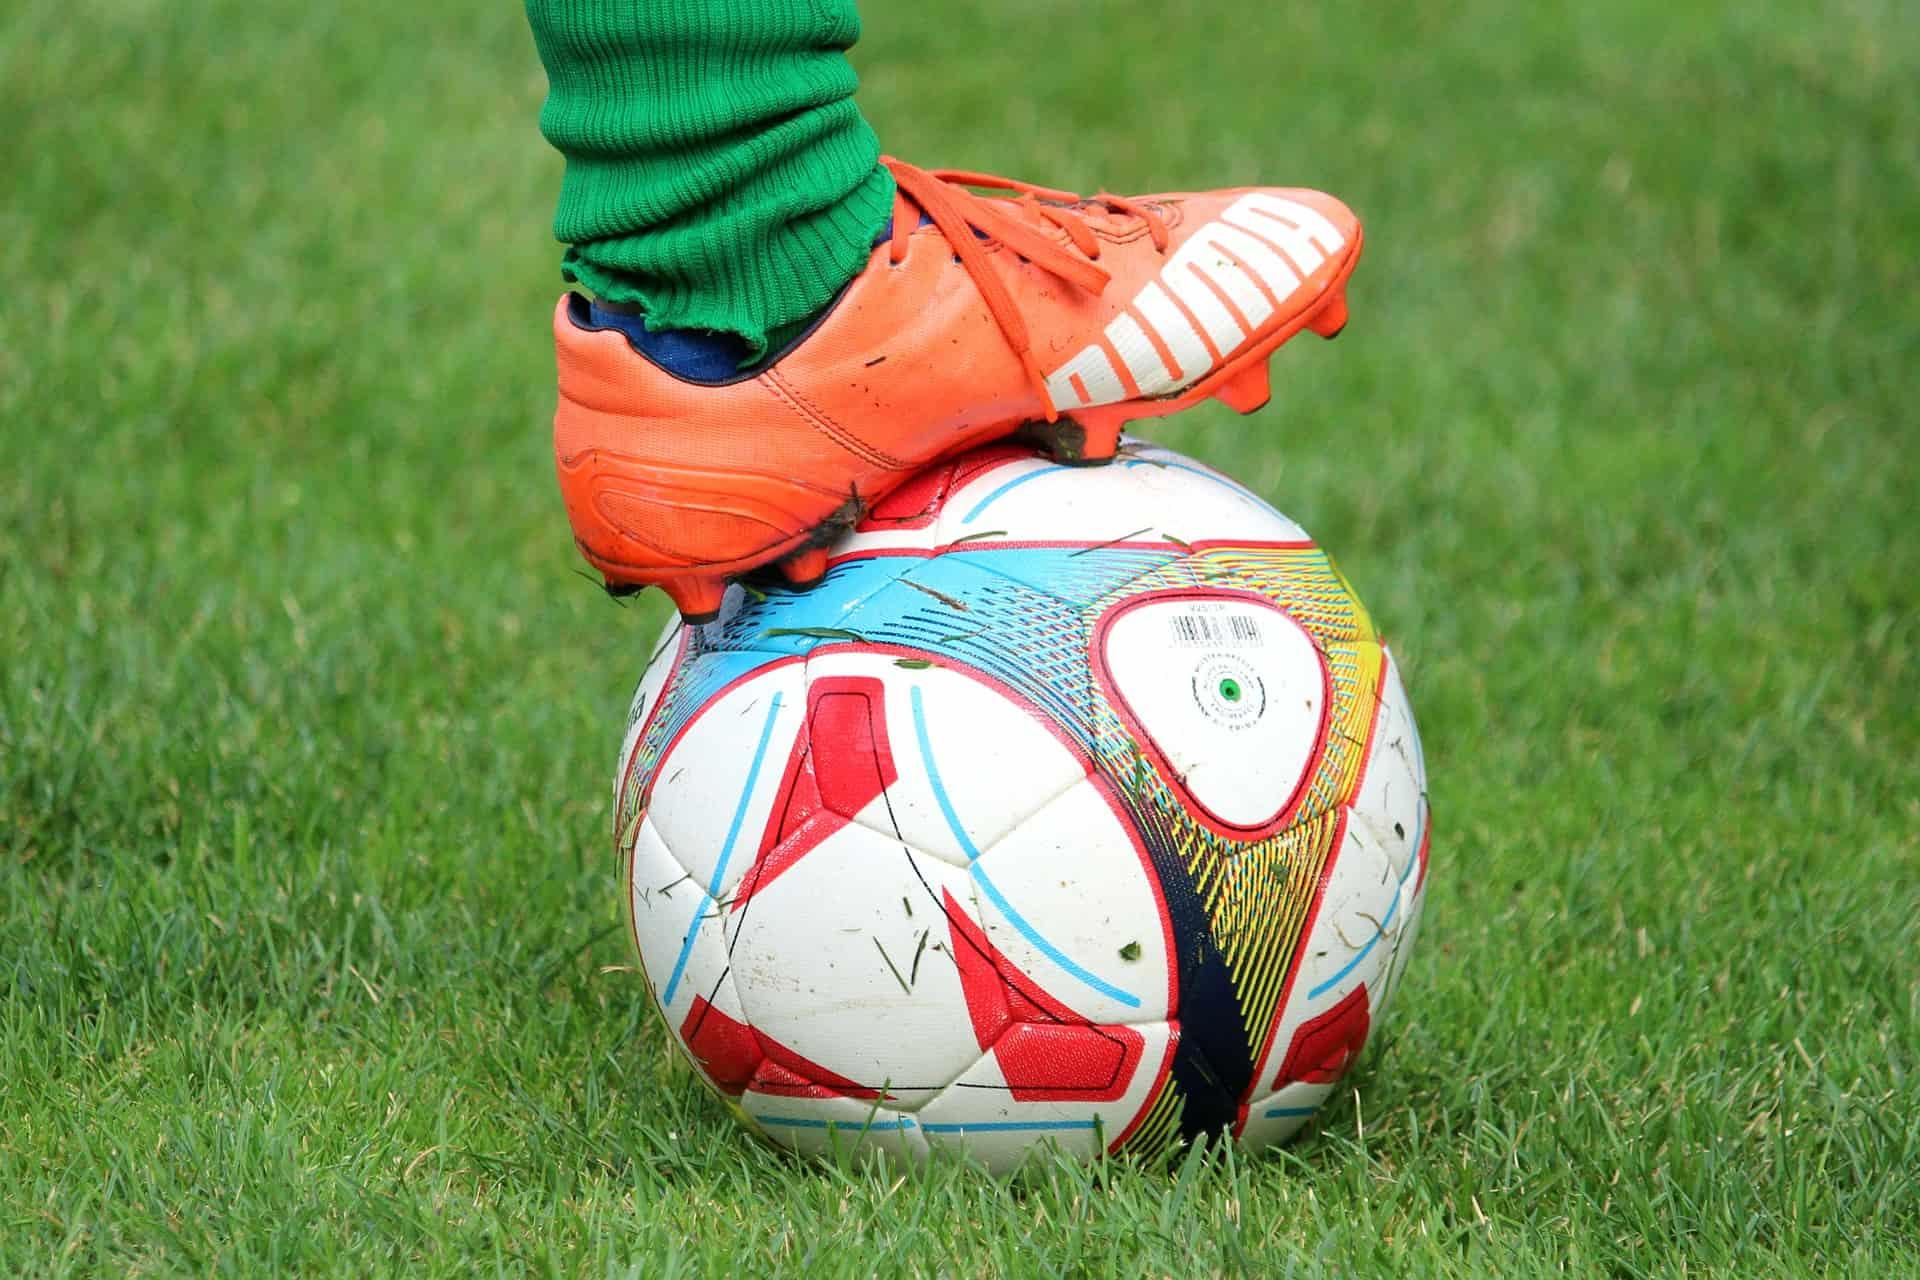 Fußballschuhe: Test & Empfehlungen (05/21)